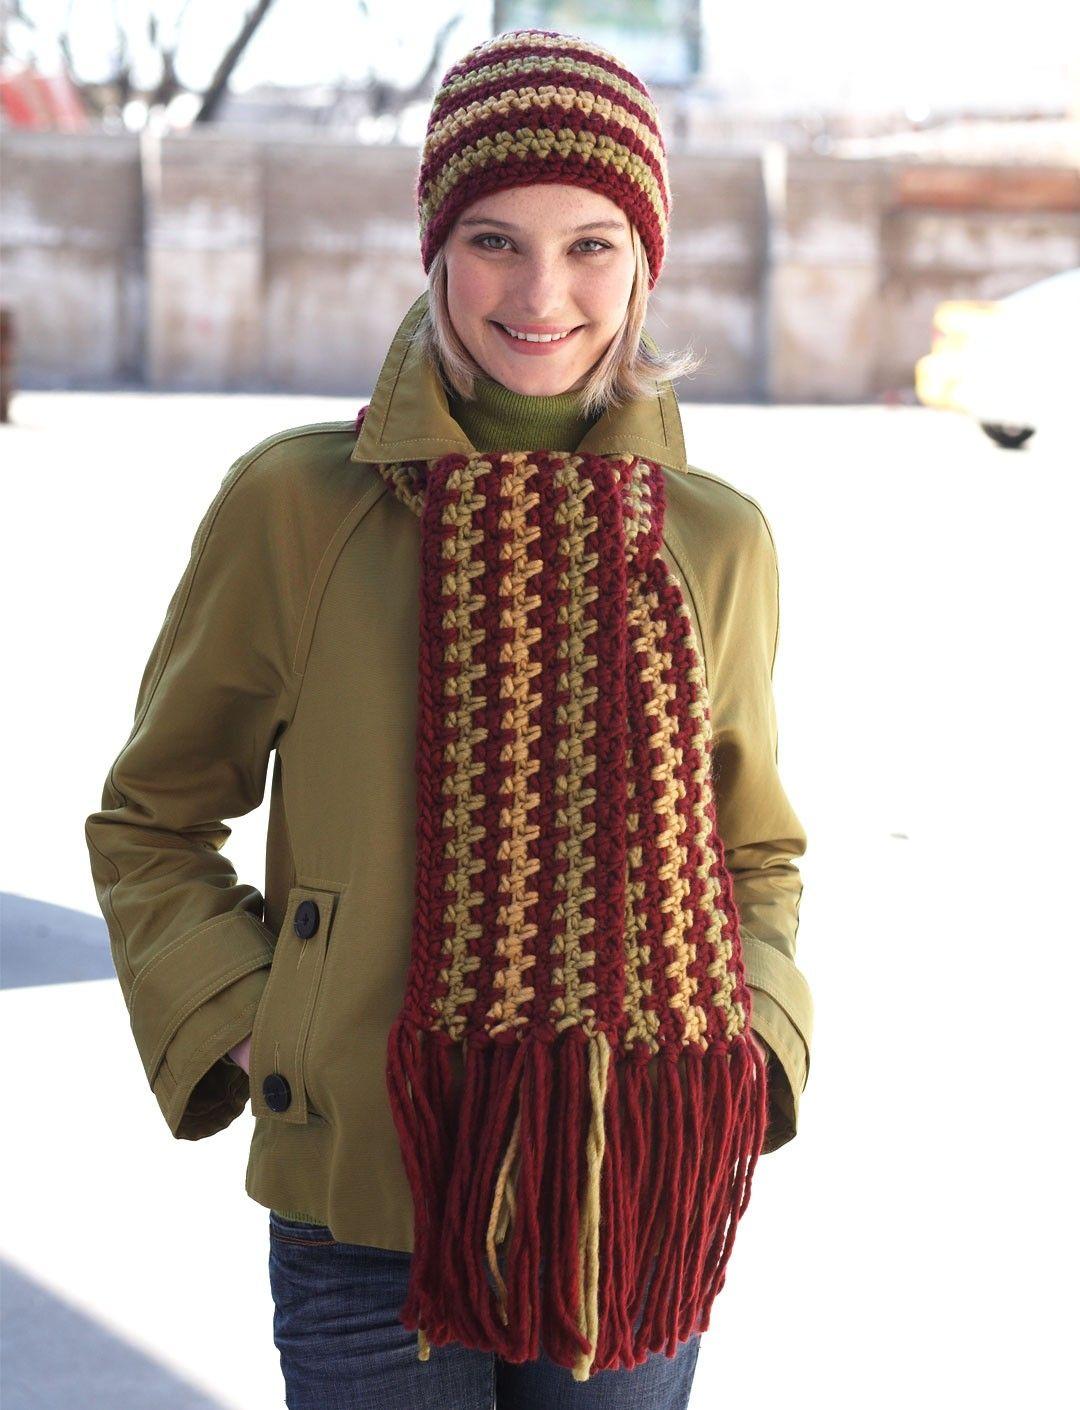 Crochet Pattern Beret Bulky Yarn